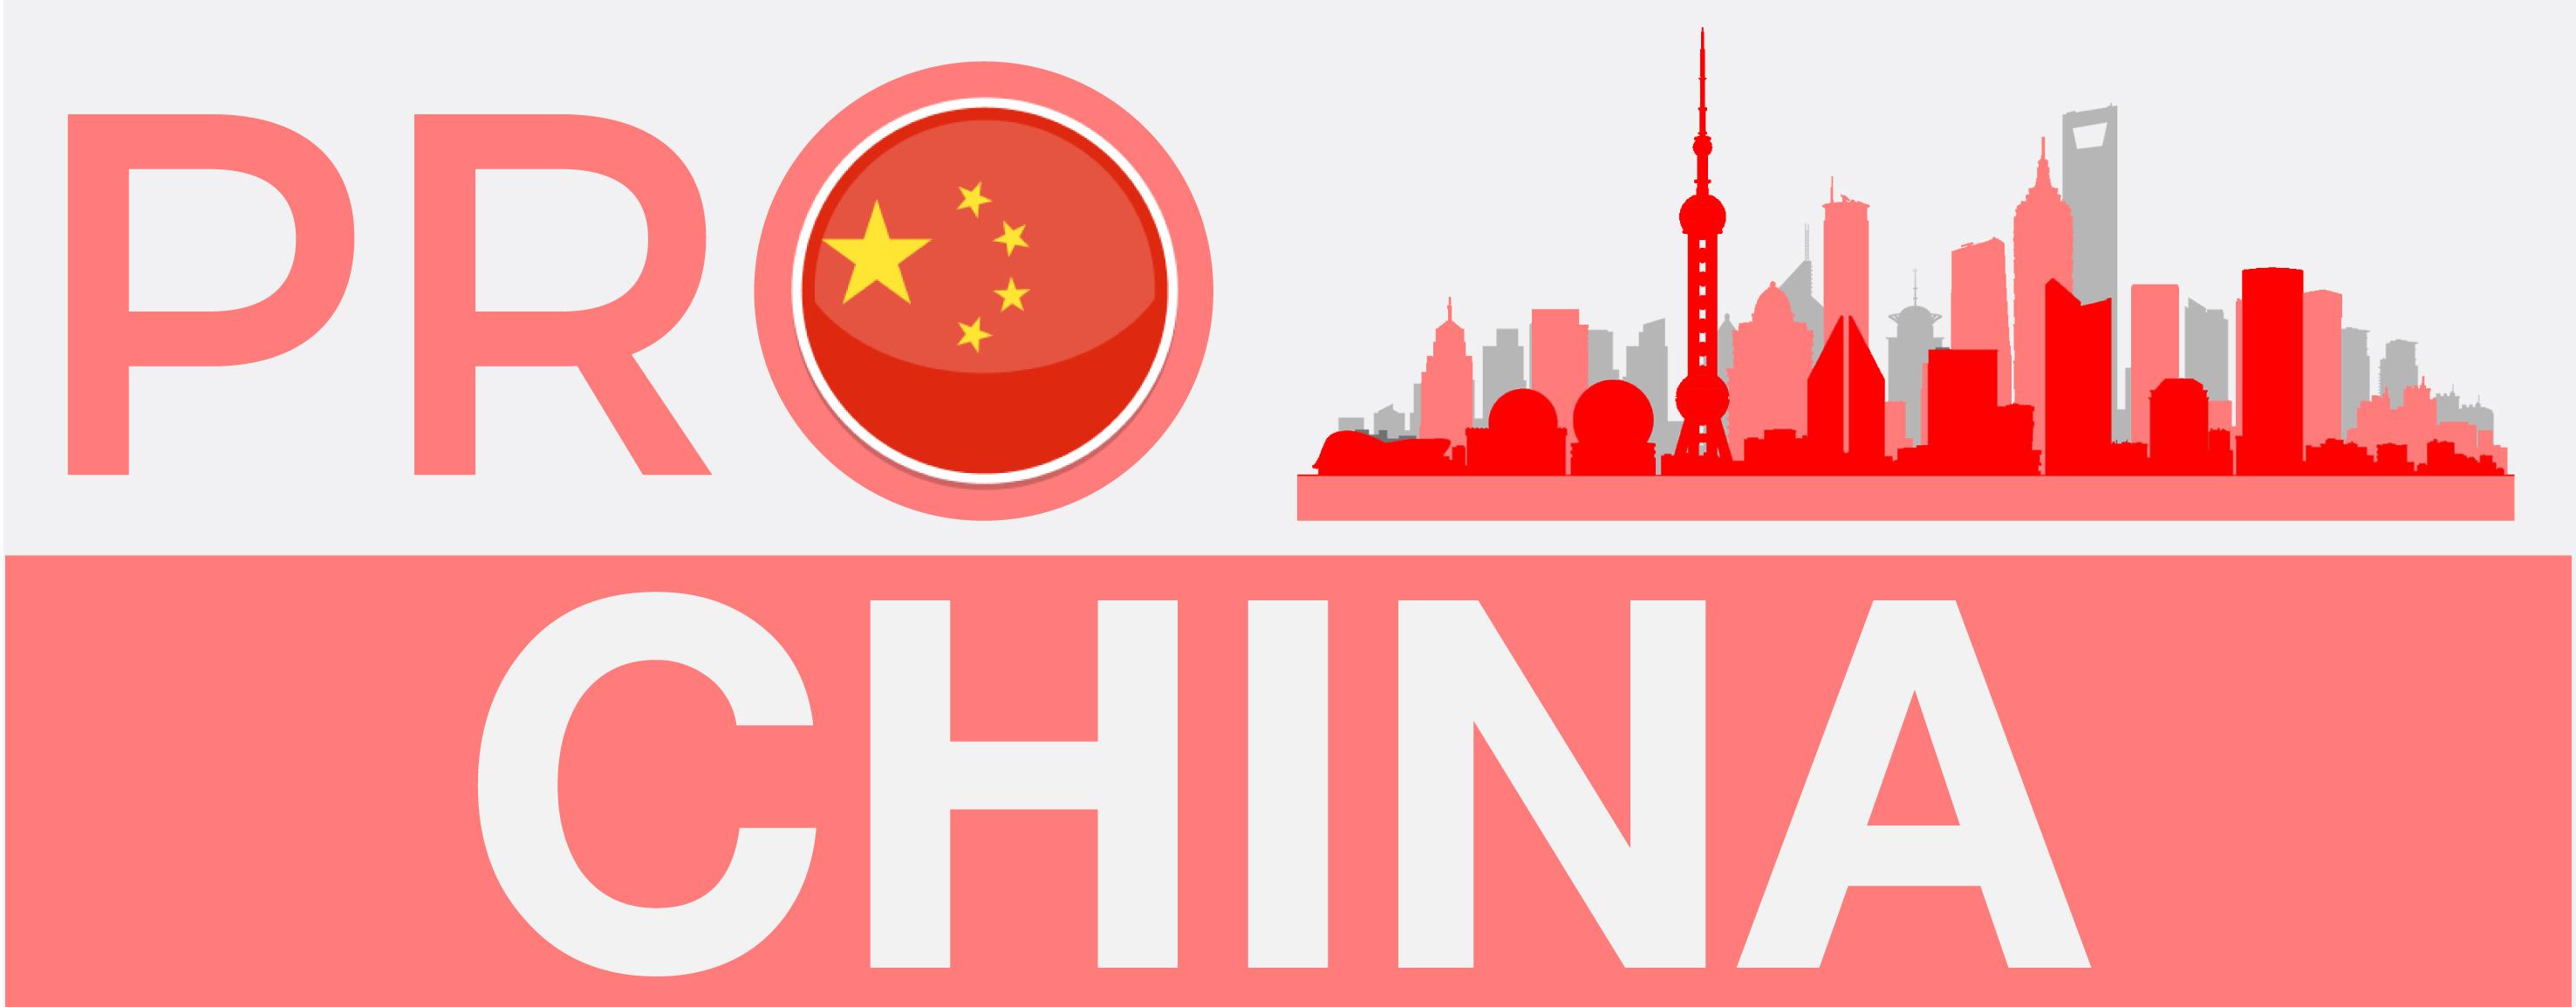 PRO CHINA